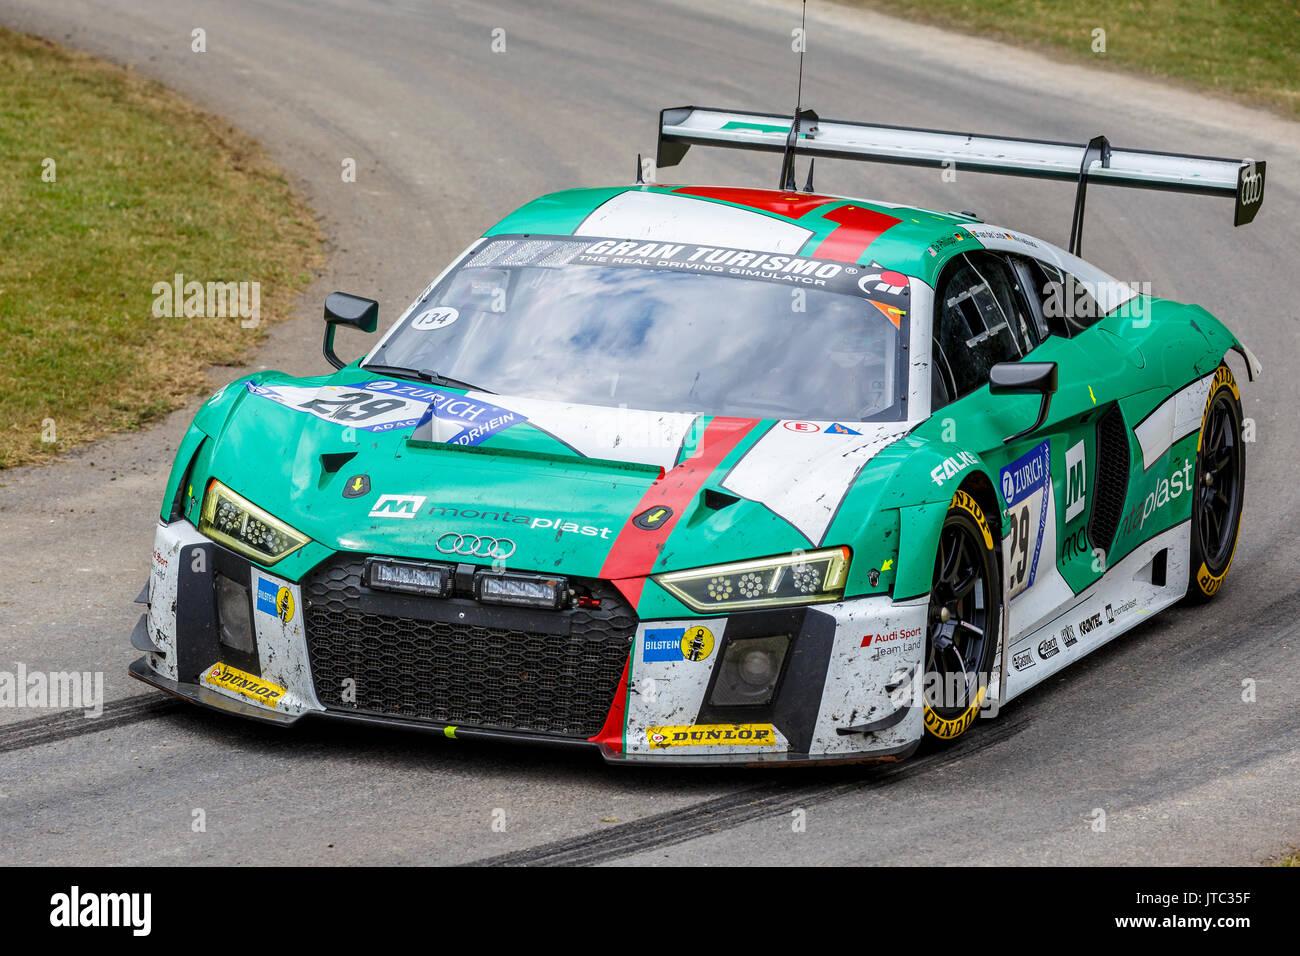 Audi R8 Lms Racing Car Stock Photos Audi R8 Lms Racing Car Stock